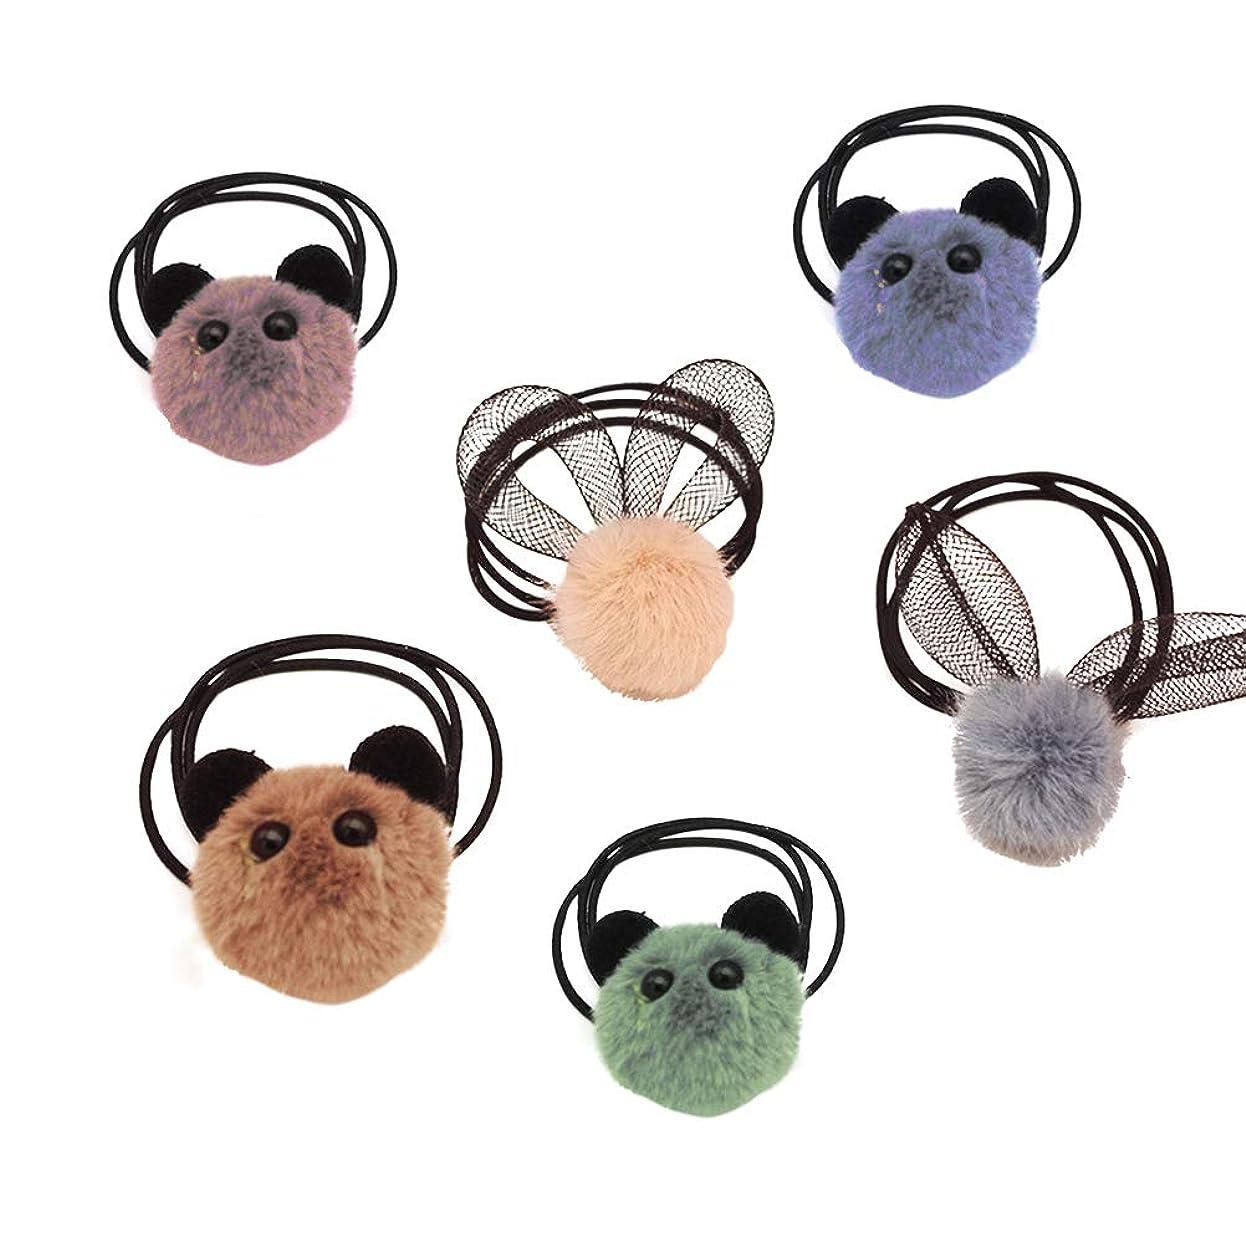 それる誘発する有益Beaupretty 20ピースイースターバニーウサギの耳弾性ヘアネクタイポニーテールホルダー髪弓ヘアアクセサリー幼児や女の赤ちゃんのためのイースター衣装(ランダムカラー)